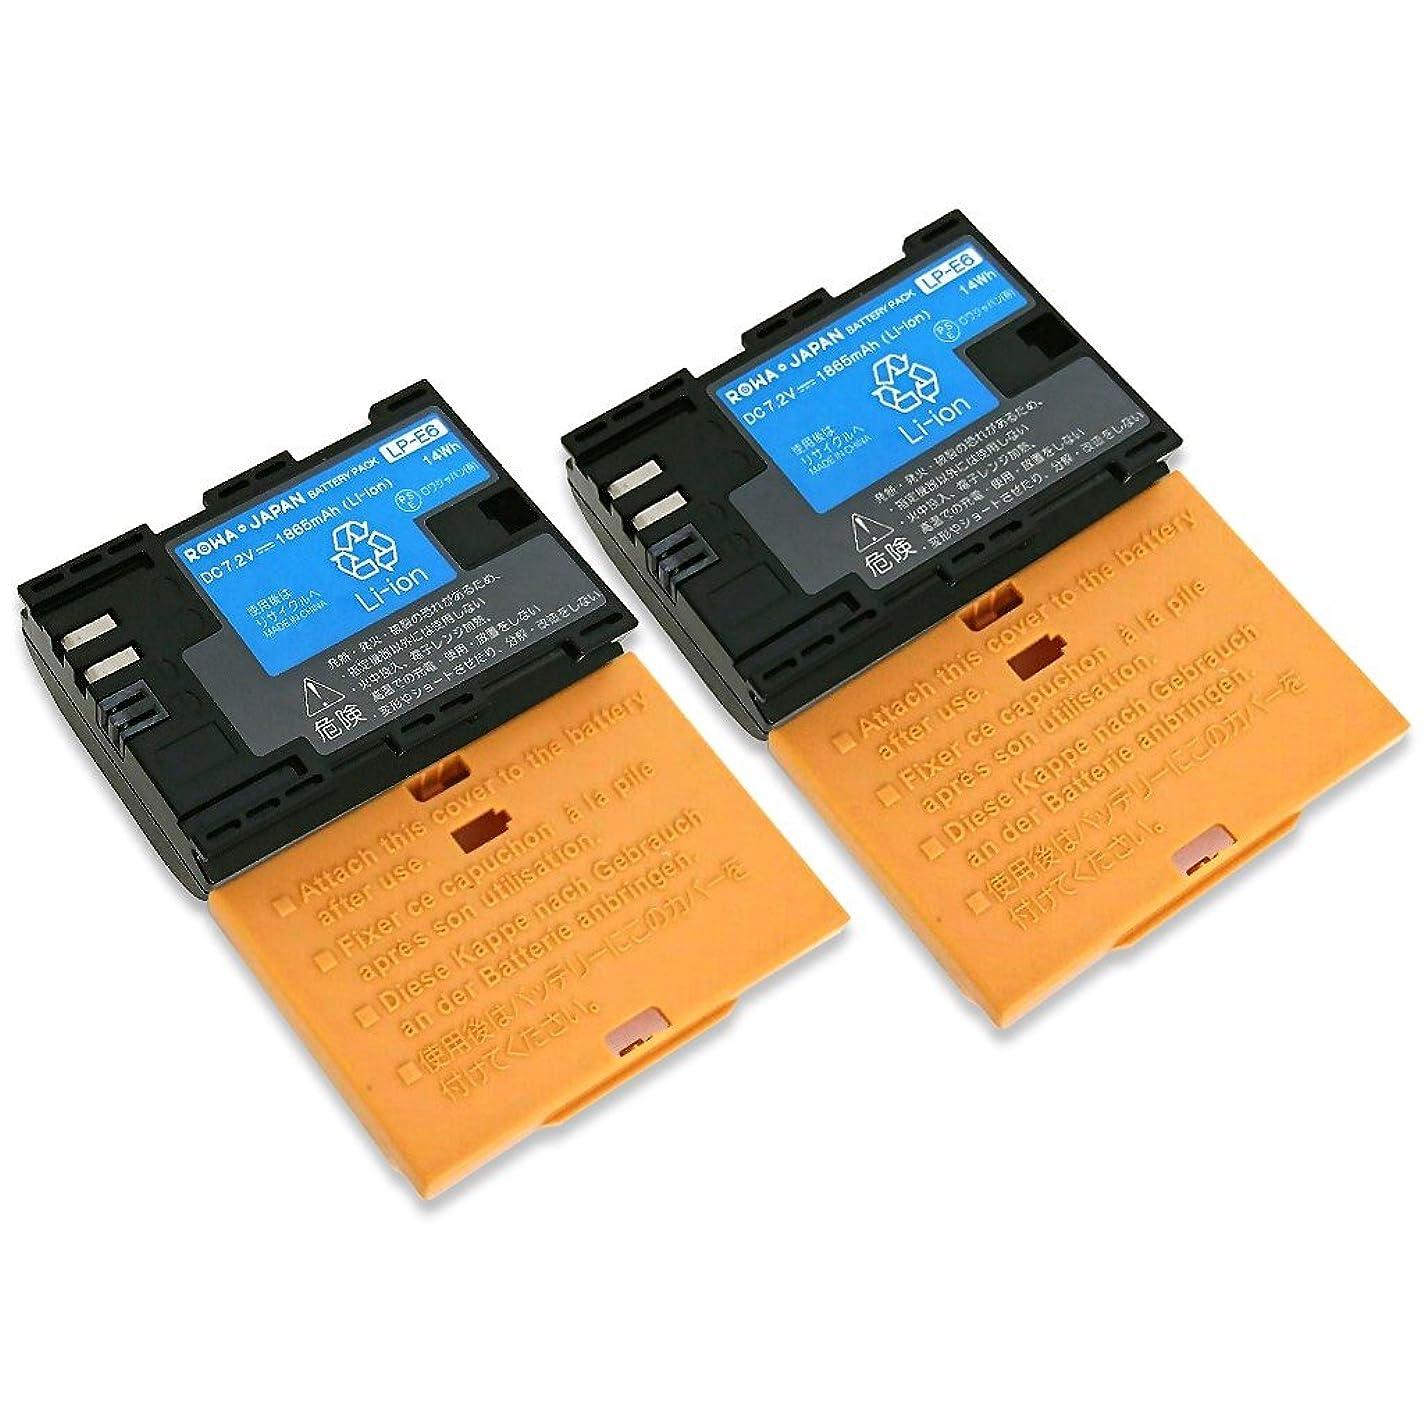 シーズンスキー脳【日本規制検査済み】CANON LP-E6 互換 バッテリー 【2個セット】【残量表示&純正充電器対応】【ロワジャパンPSEマーク付】